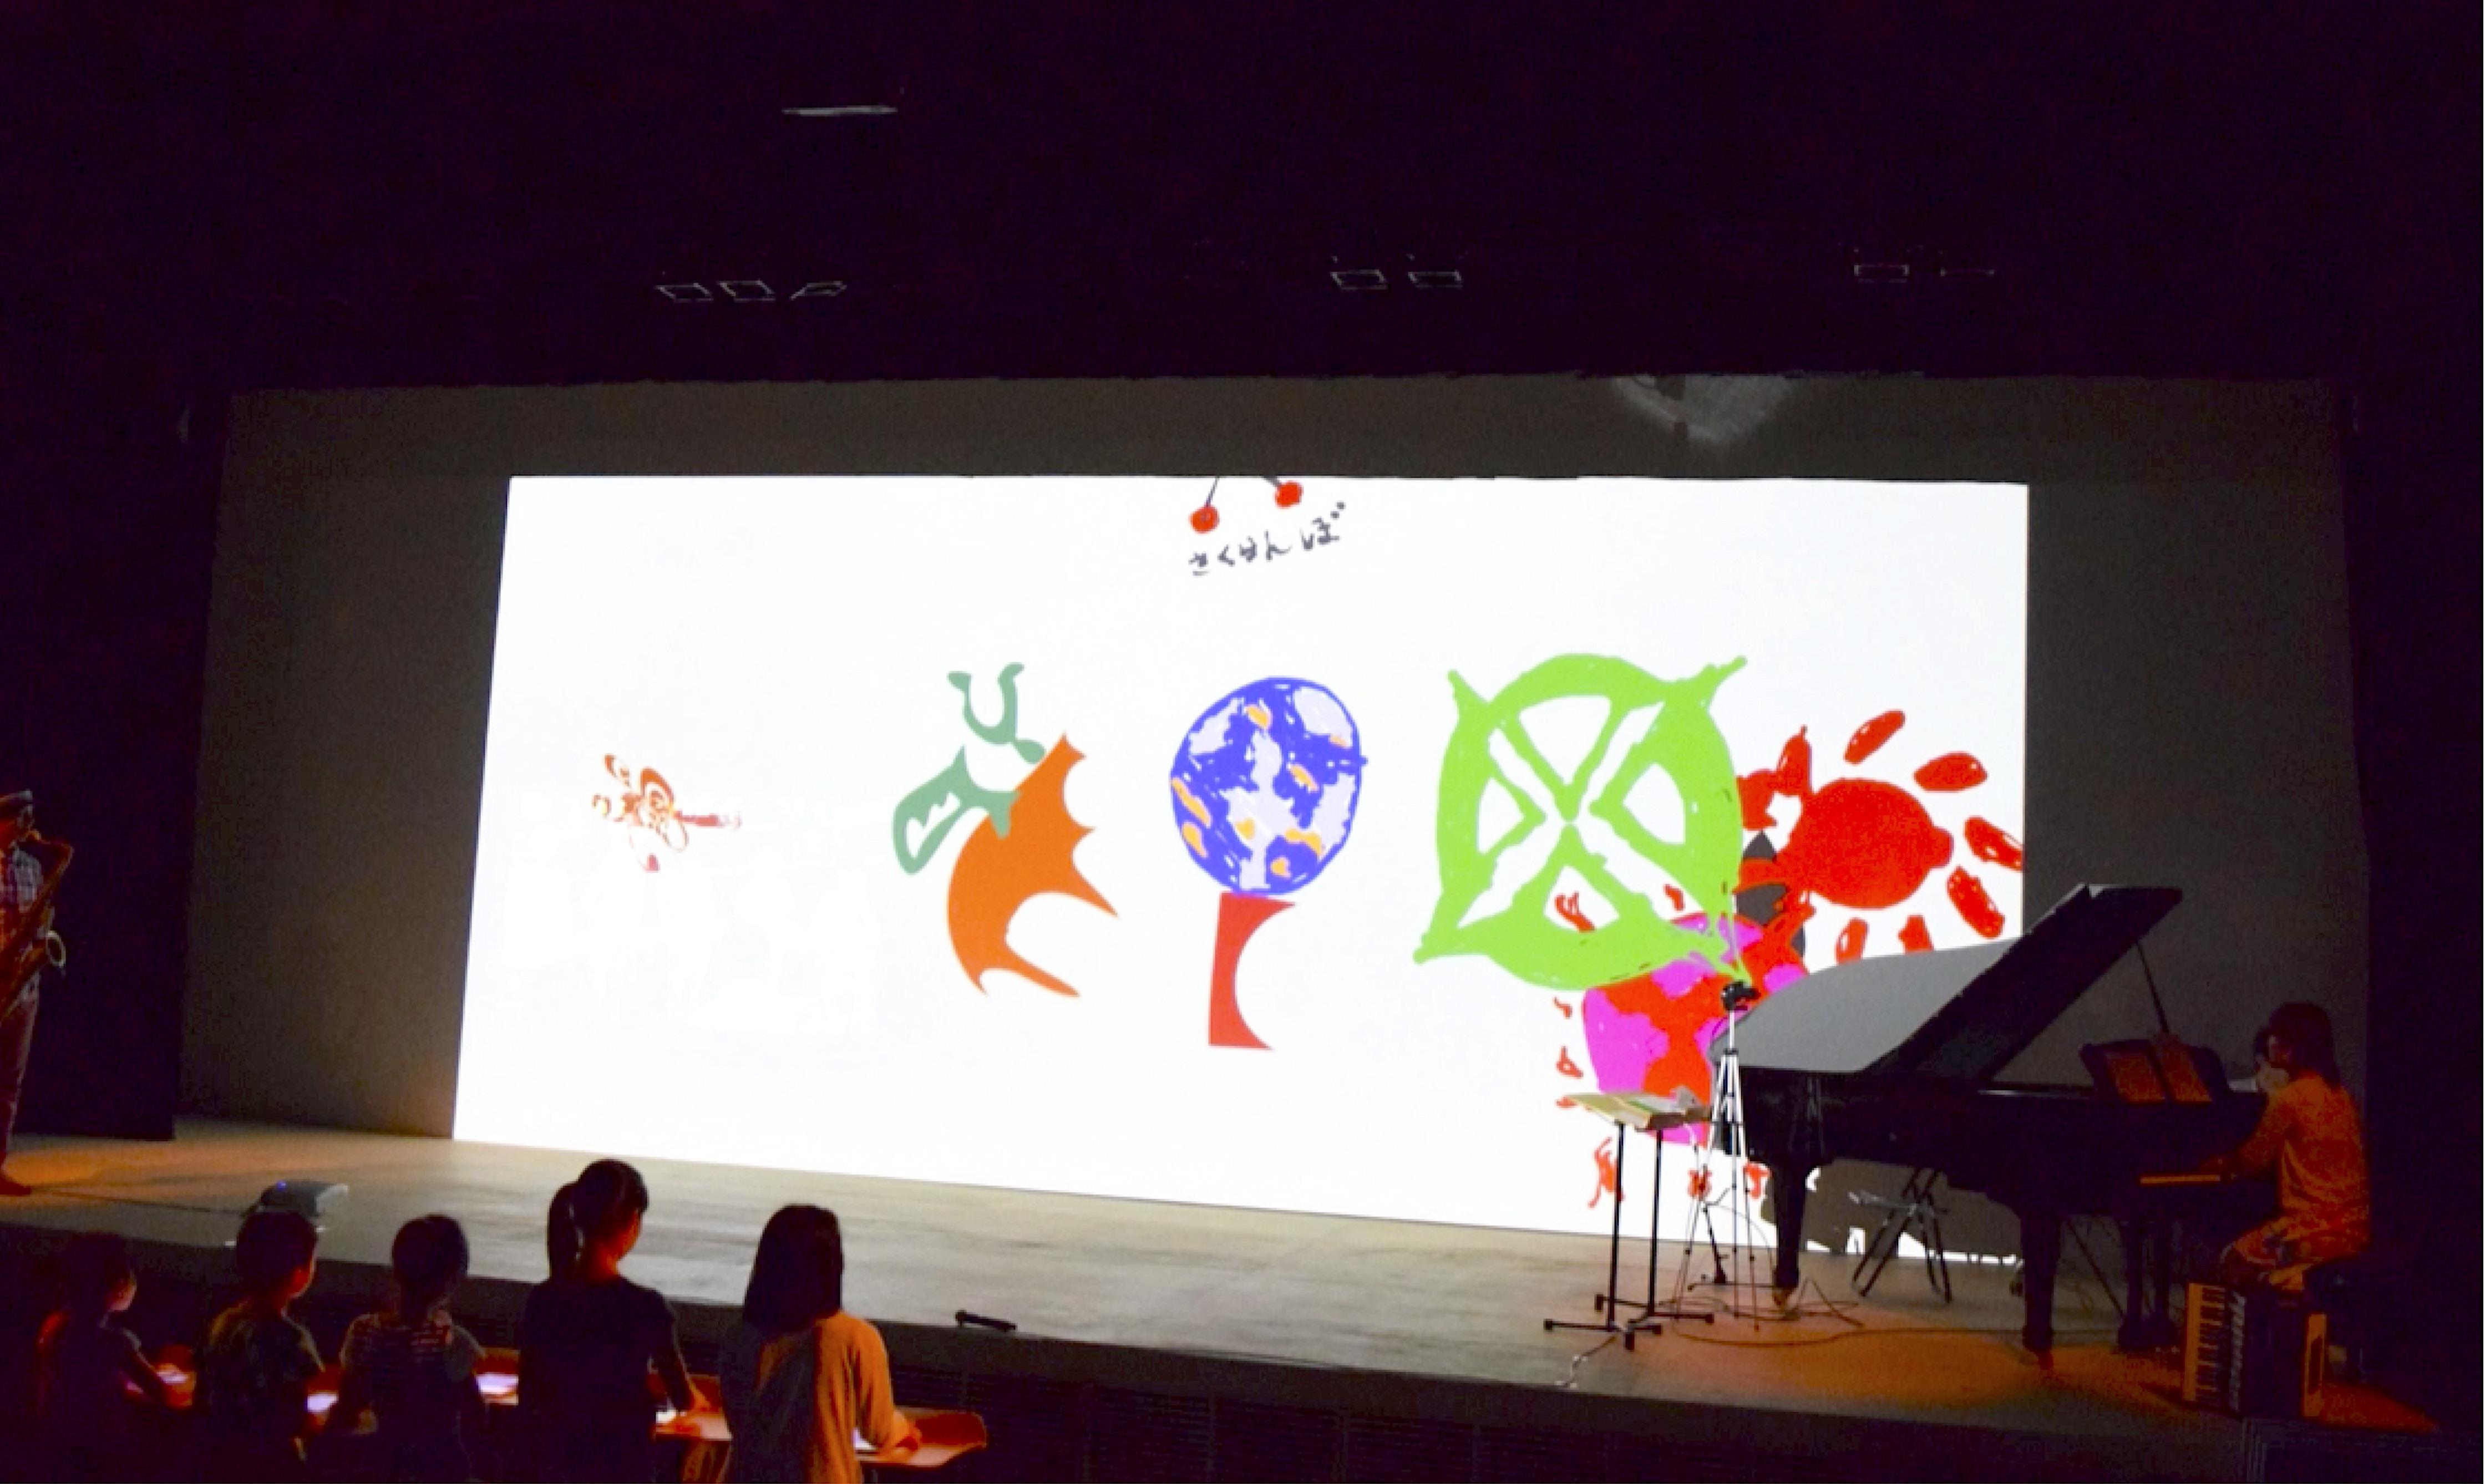 ジェネラティブアートをベースとする芸術表現教育のためのオーディオ・ビジュアル創作システムの開発と構成主義に基づく創作ワークショップデザイン